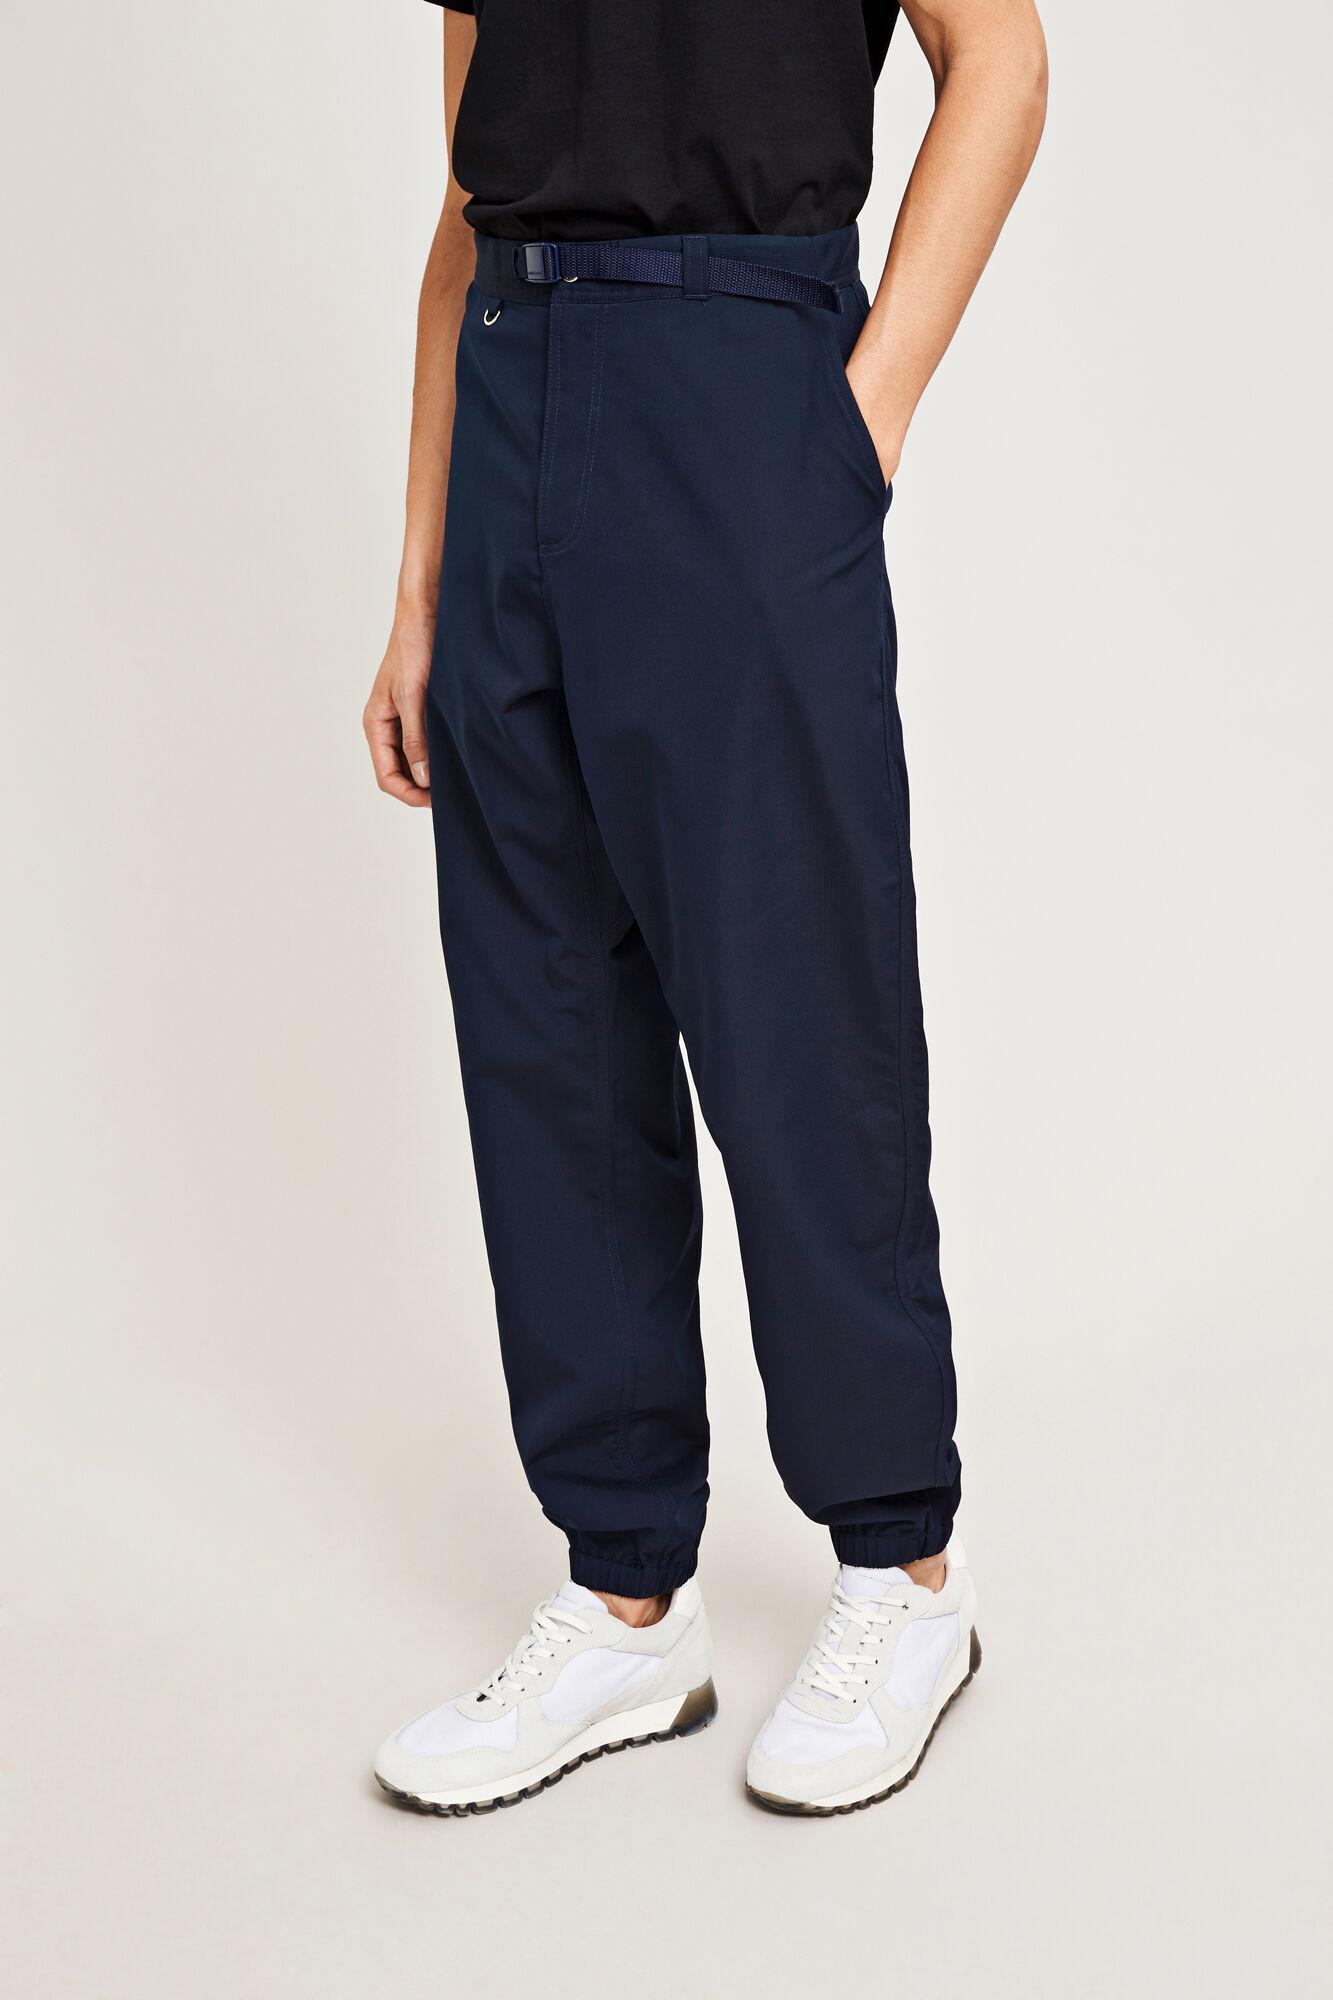 Apal pants 9979